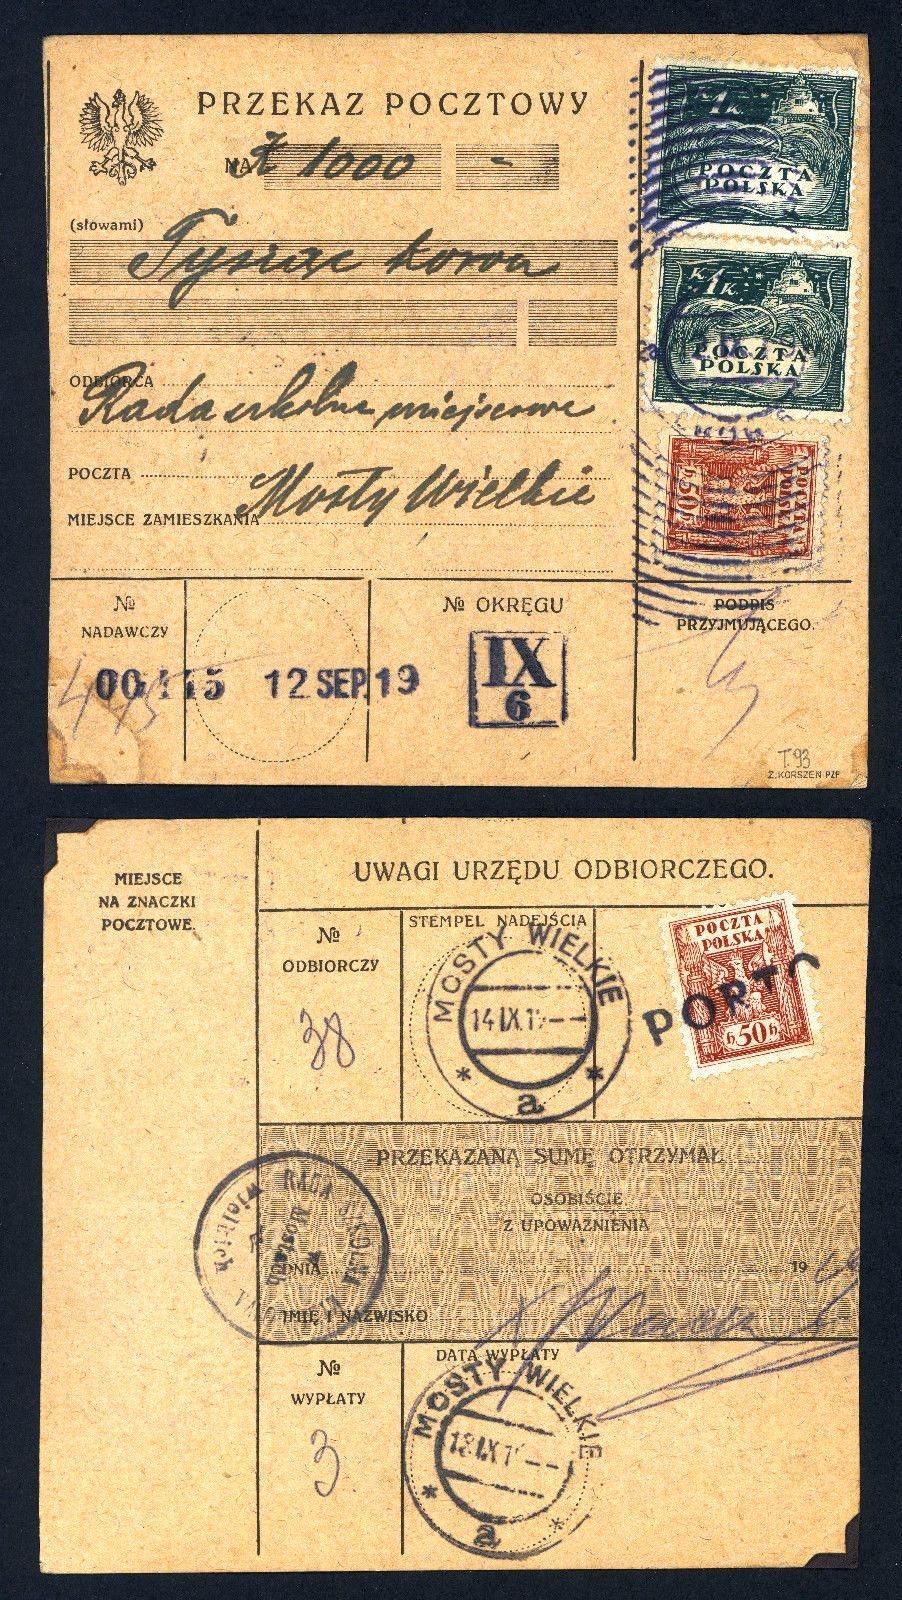 Великі Мости, 1919. Поштовий переказ